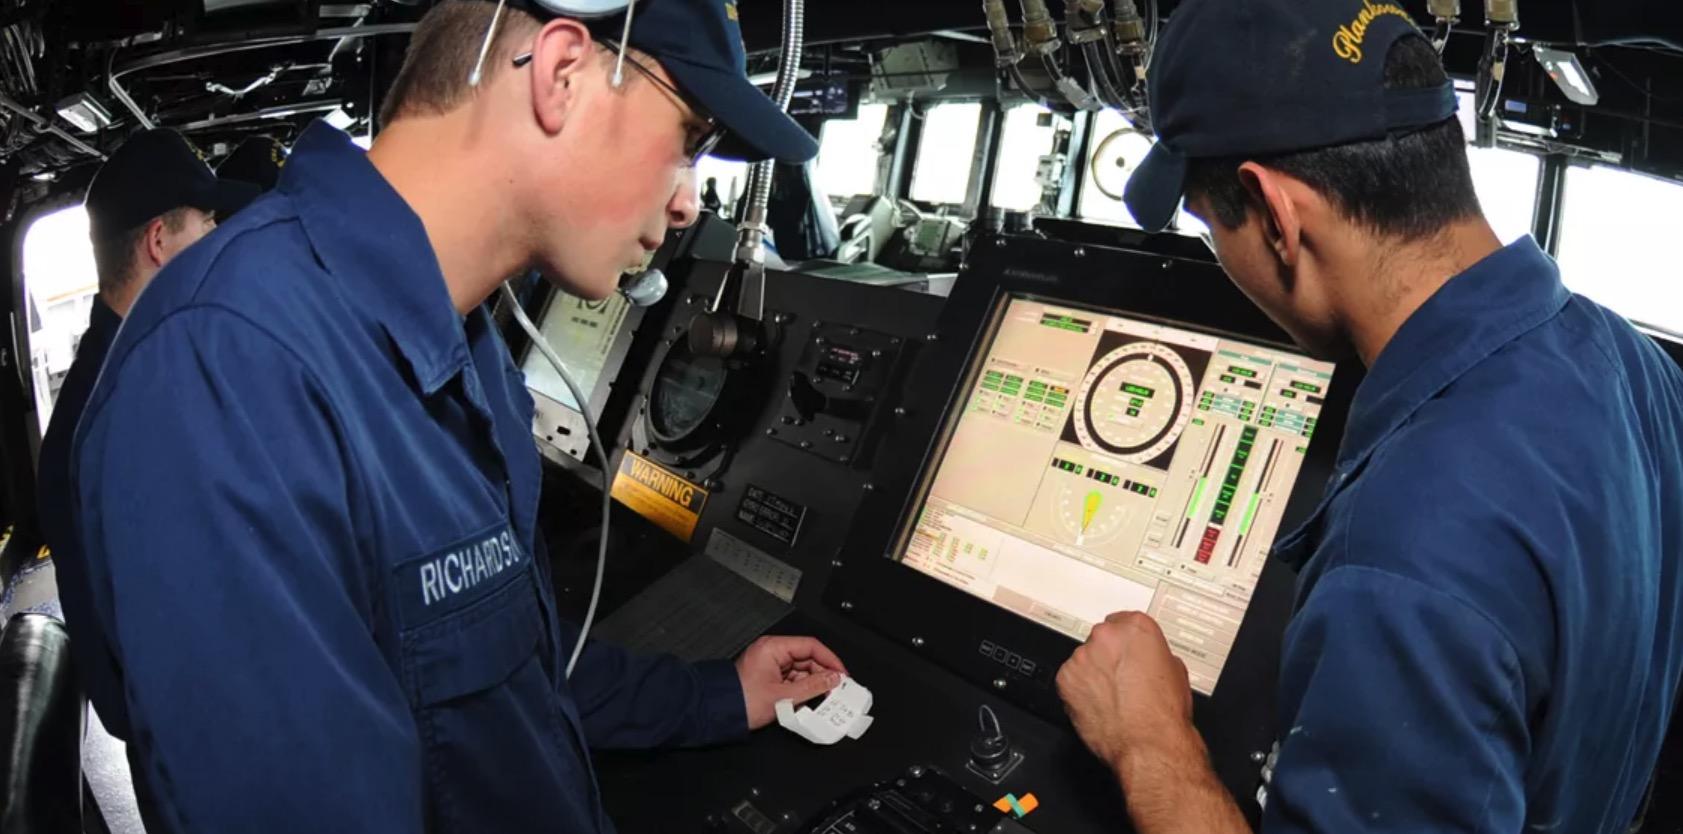 Marinen touchskjerm